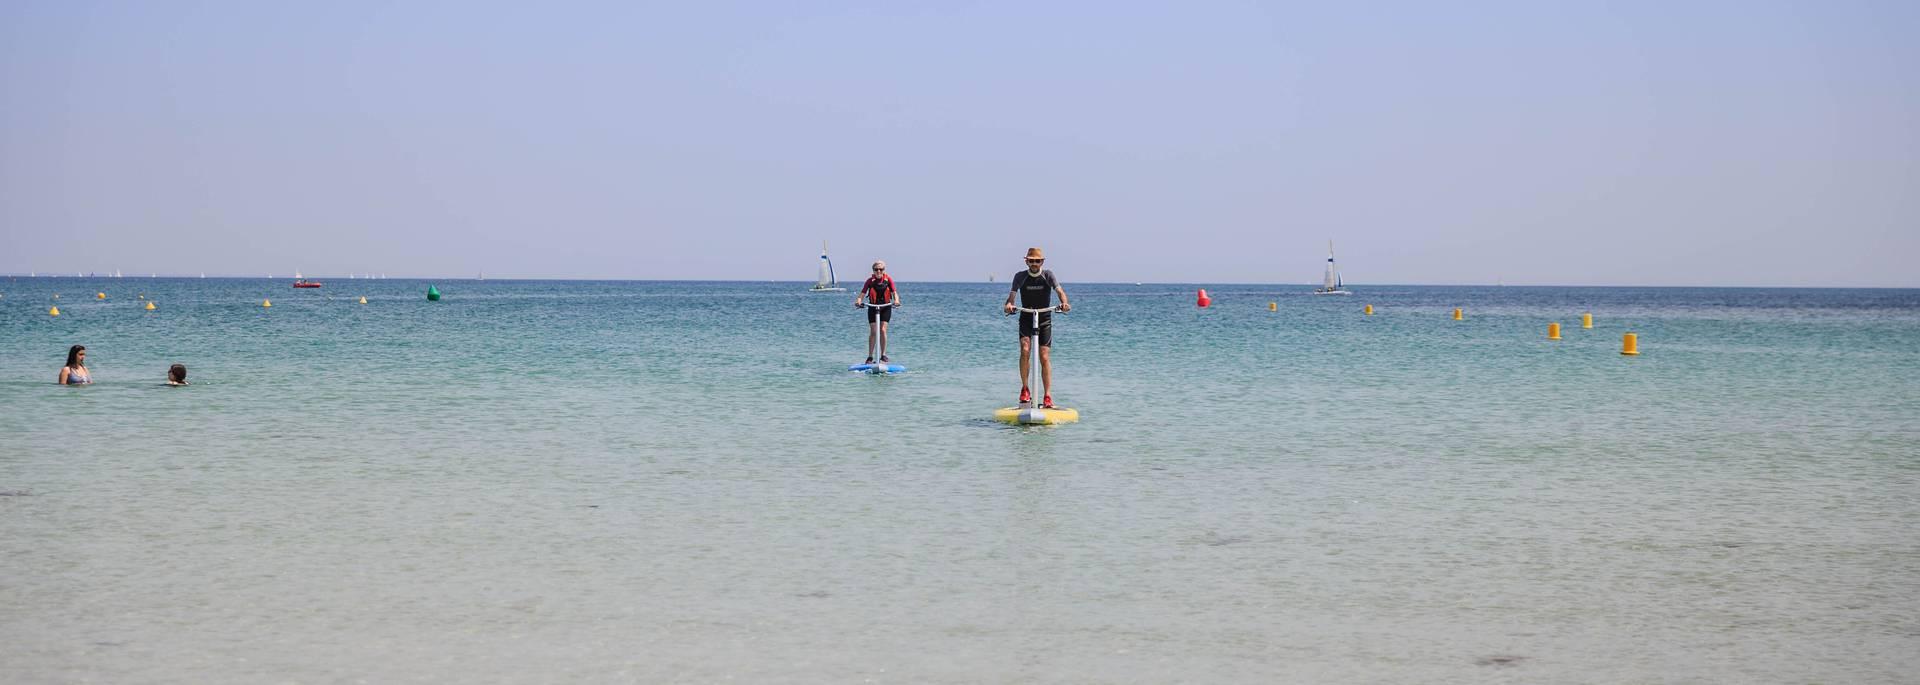 Paddle elliptique - Île Tudy © L Gloaguen